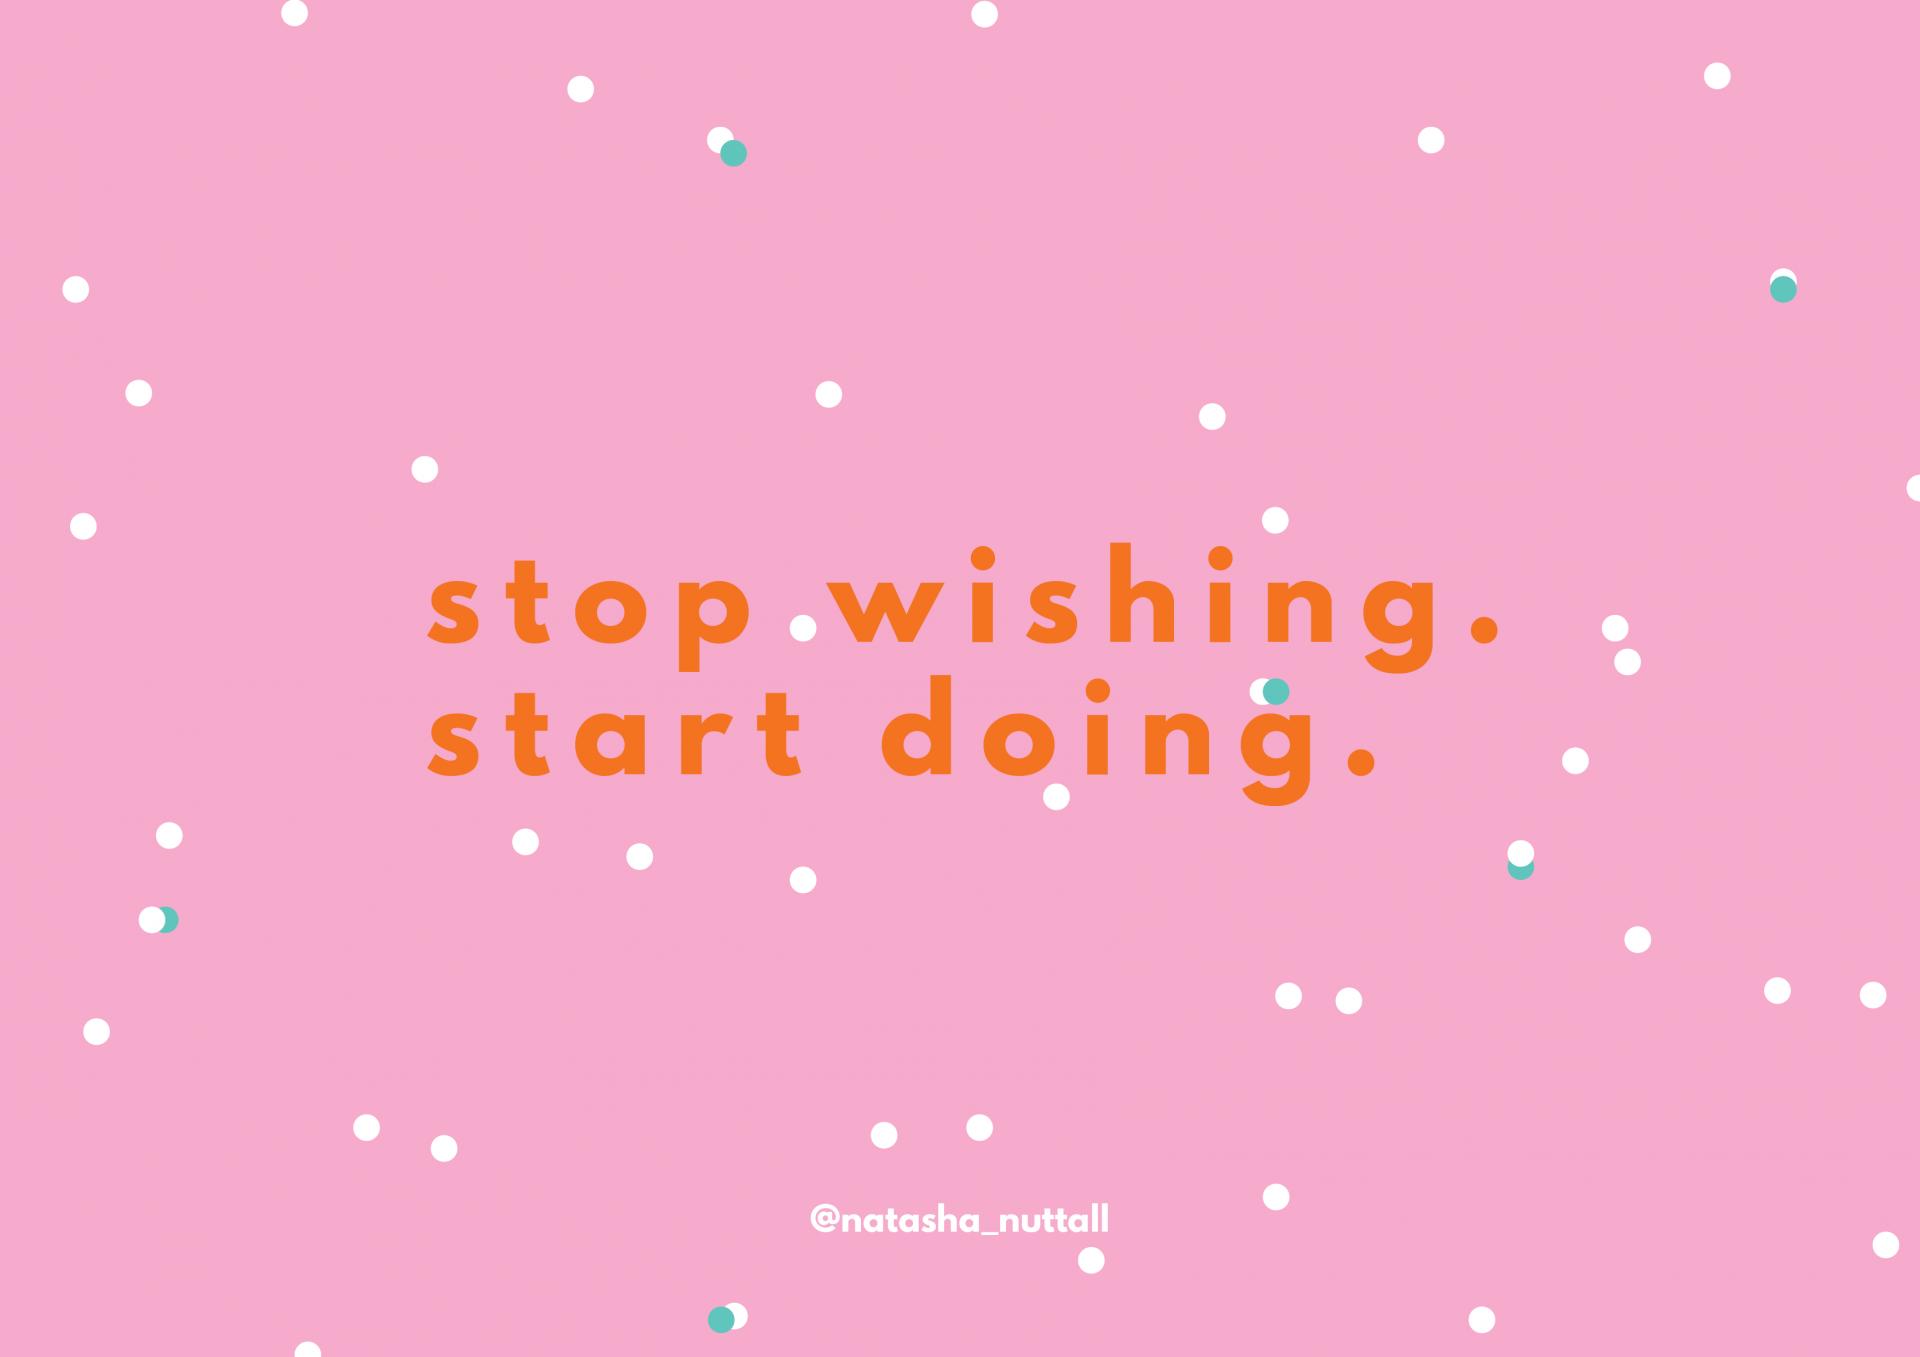 MotivationalQuote NatashaNuttall